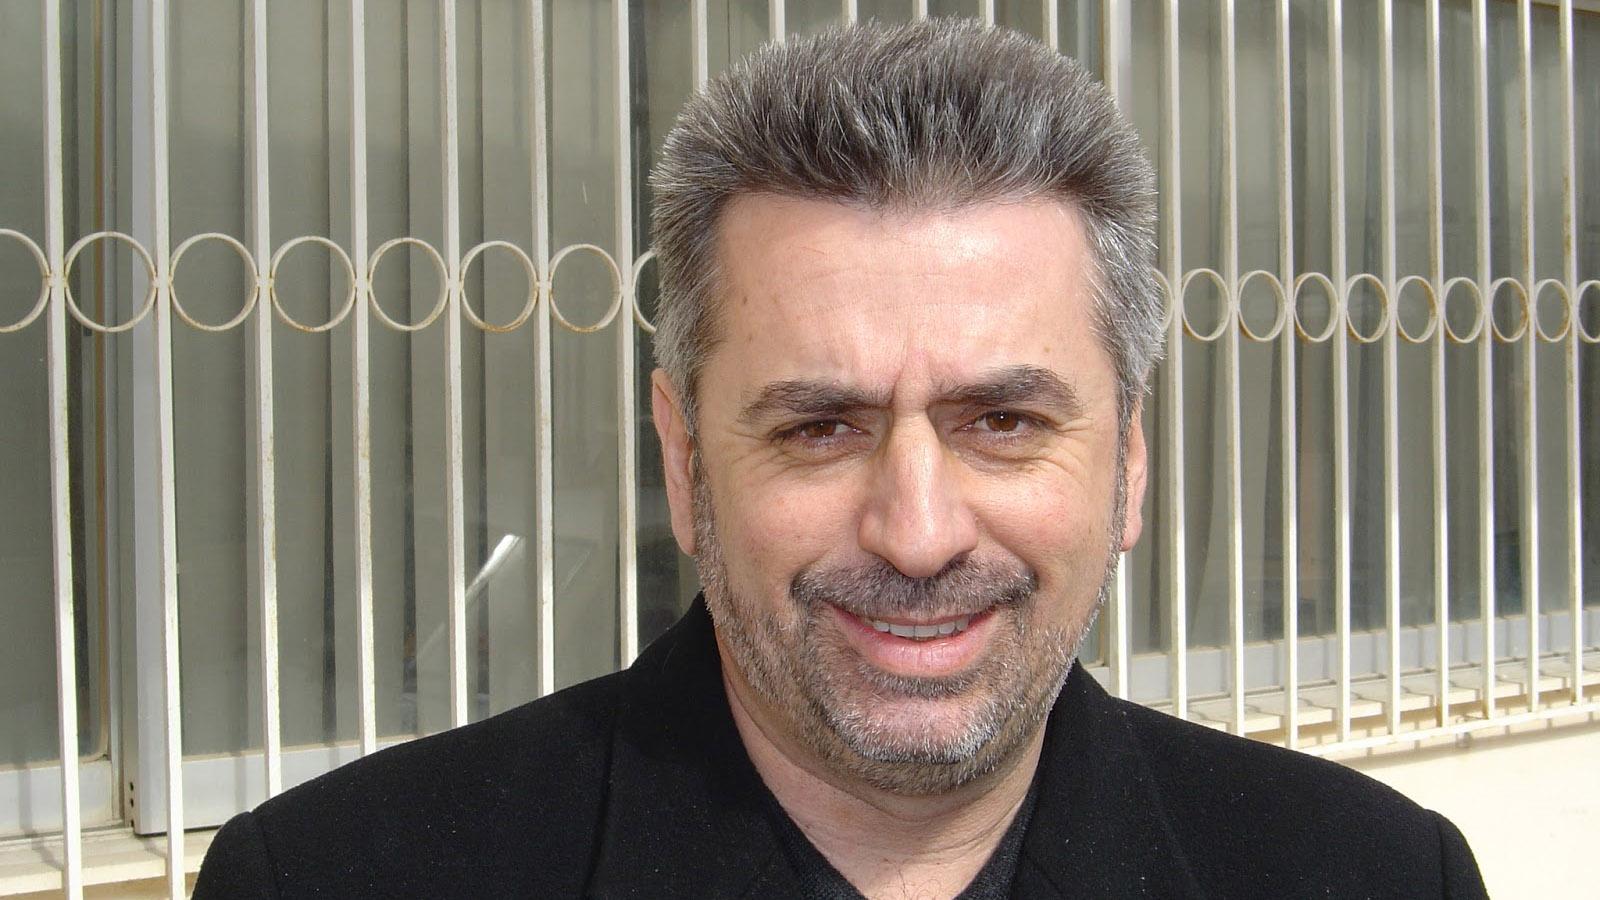 Νοσοκομείο Αγρινίου: τι δηλώνει ο Παπαδόπουλος πριν παραδώσει τη σκυτάλη στον Τσώλη